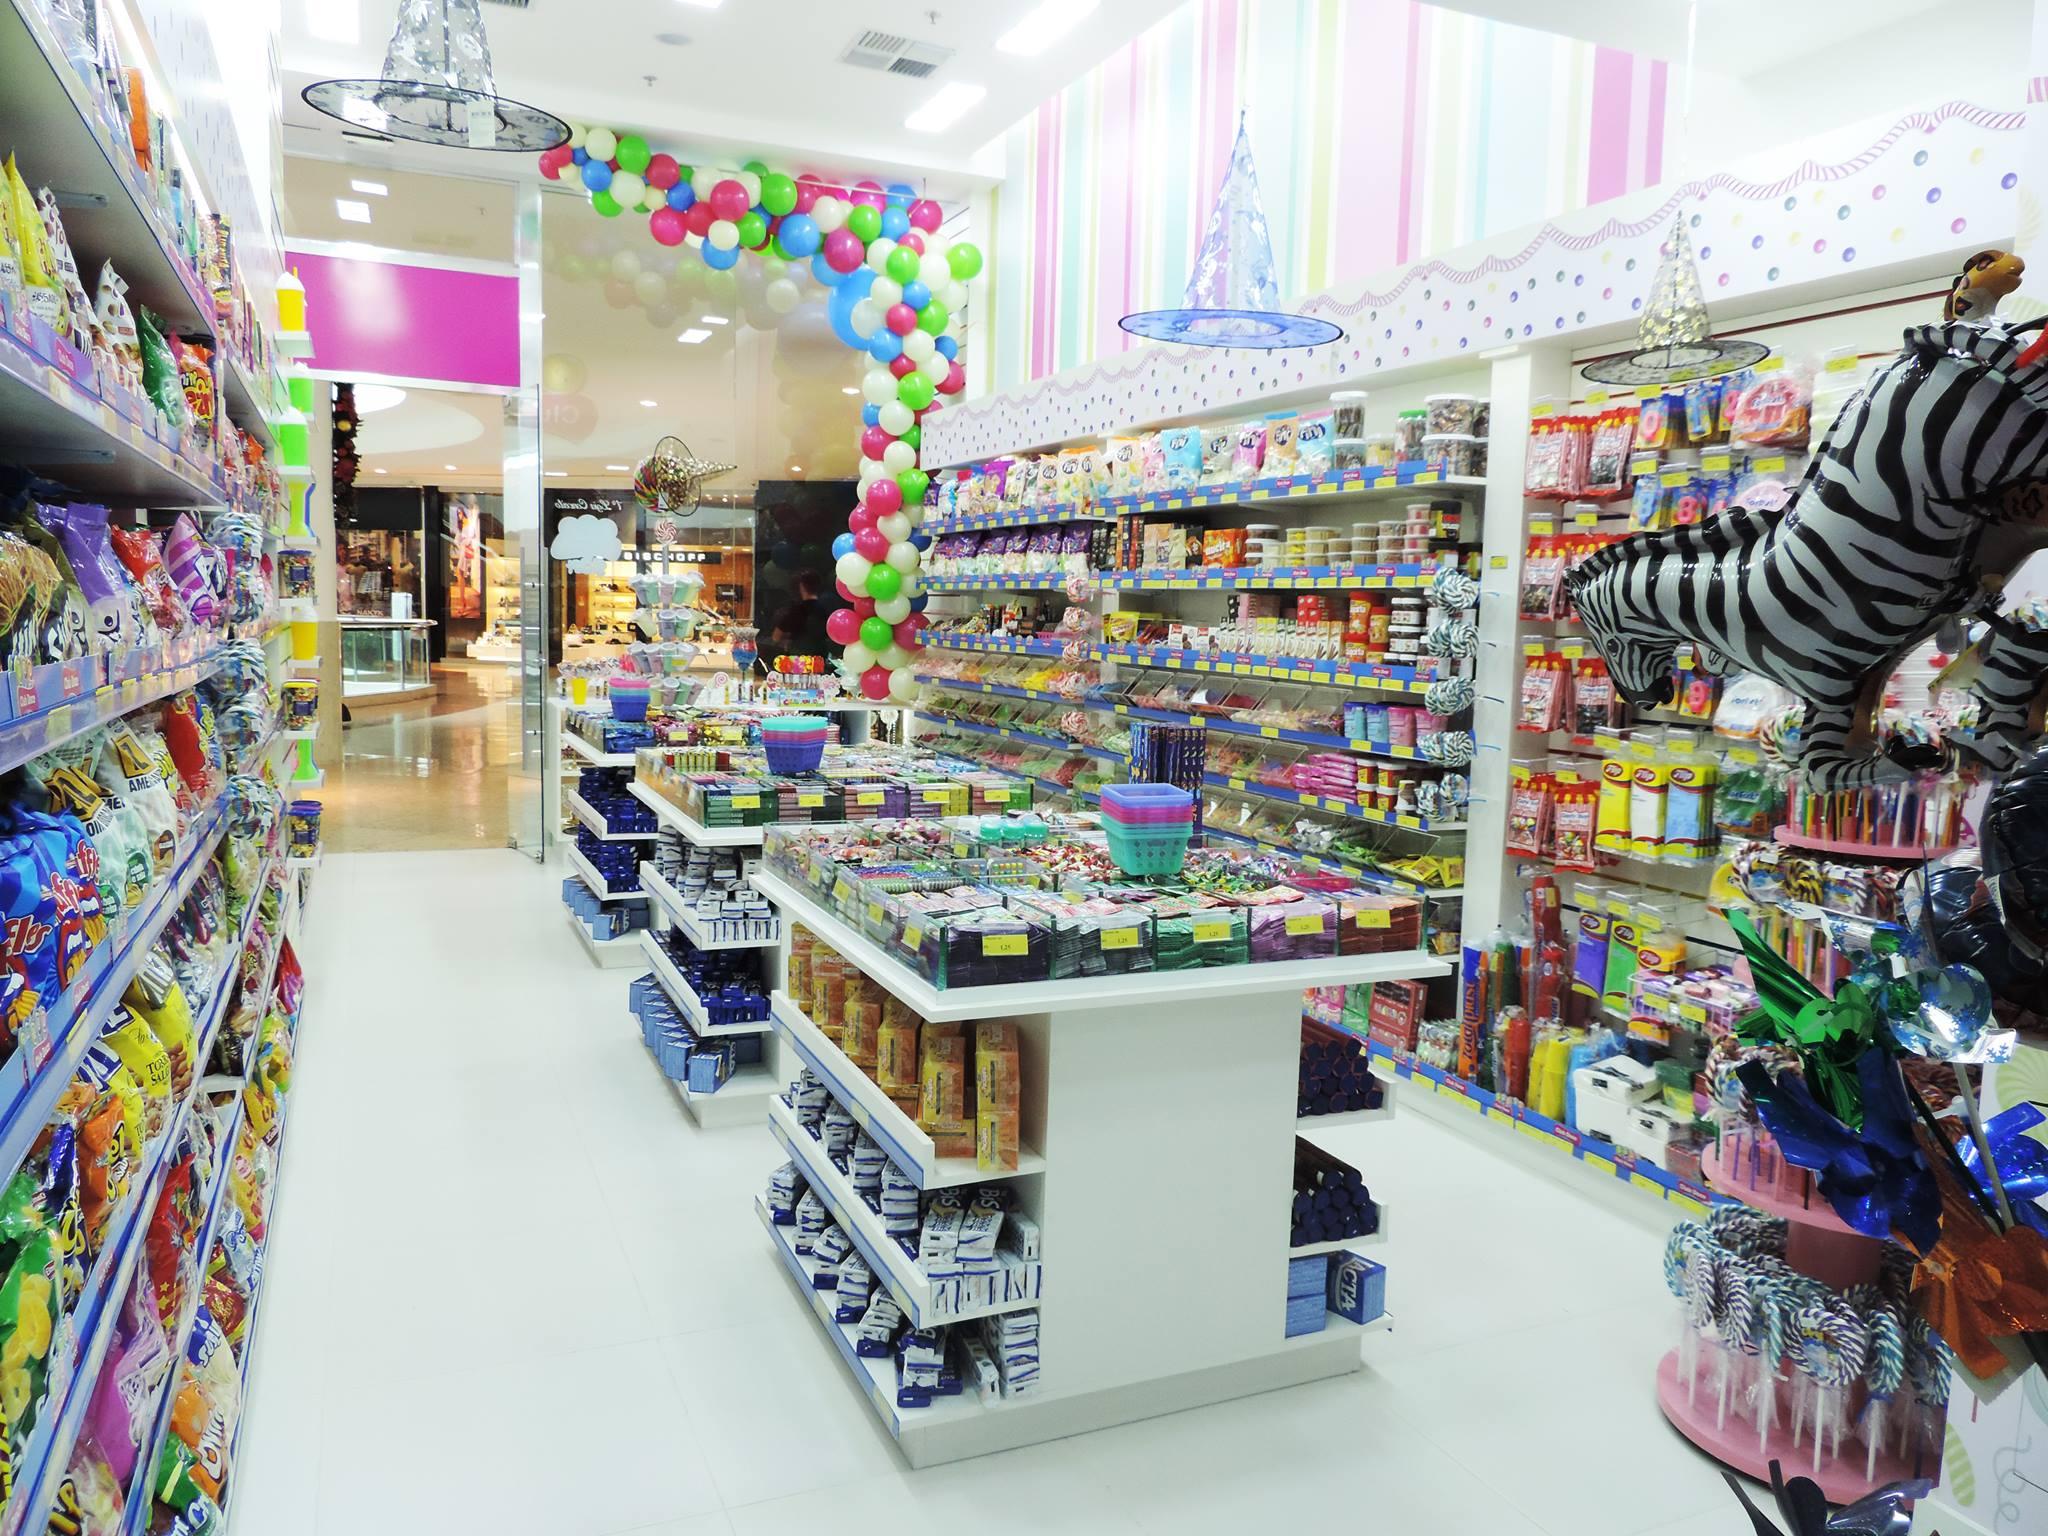 Clube Doce (foto divulgação)  caption  A rede de lojas Club Doce inaugurou  acaba de inaugurar no Palladium Curitiba seu primeiro espaço em shopping  center. 7894a53aef0